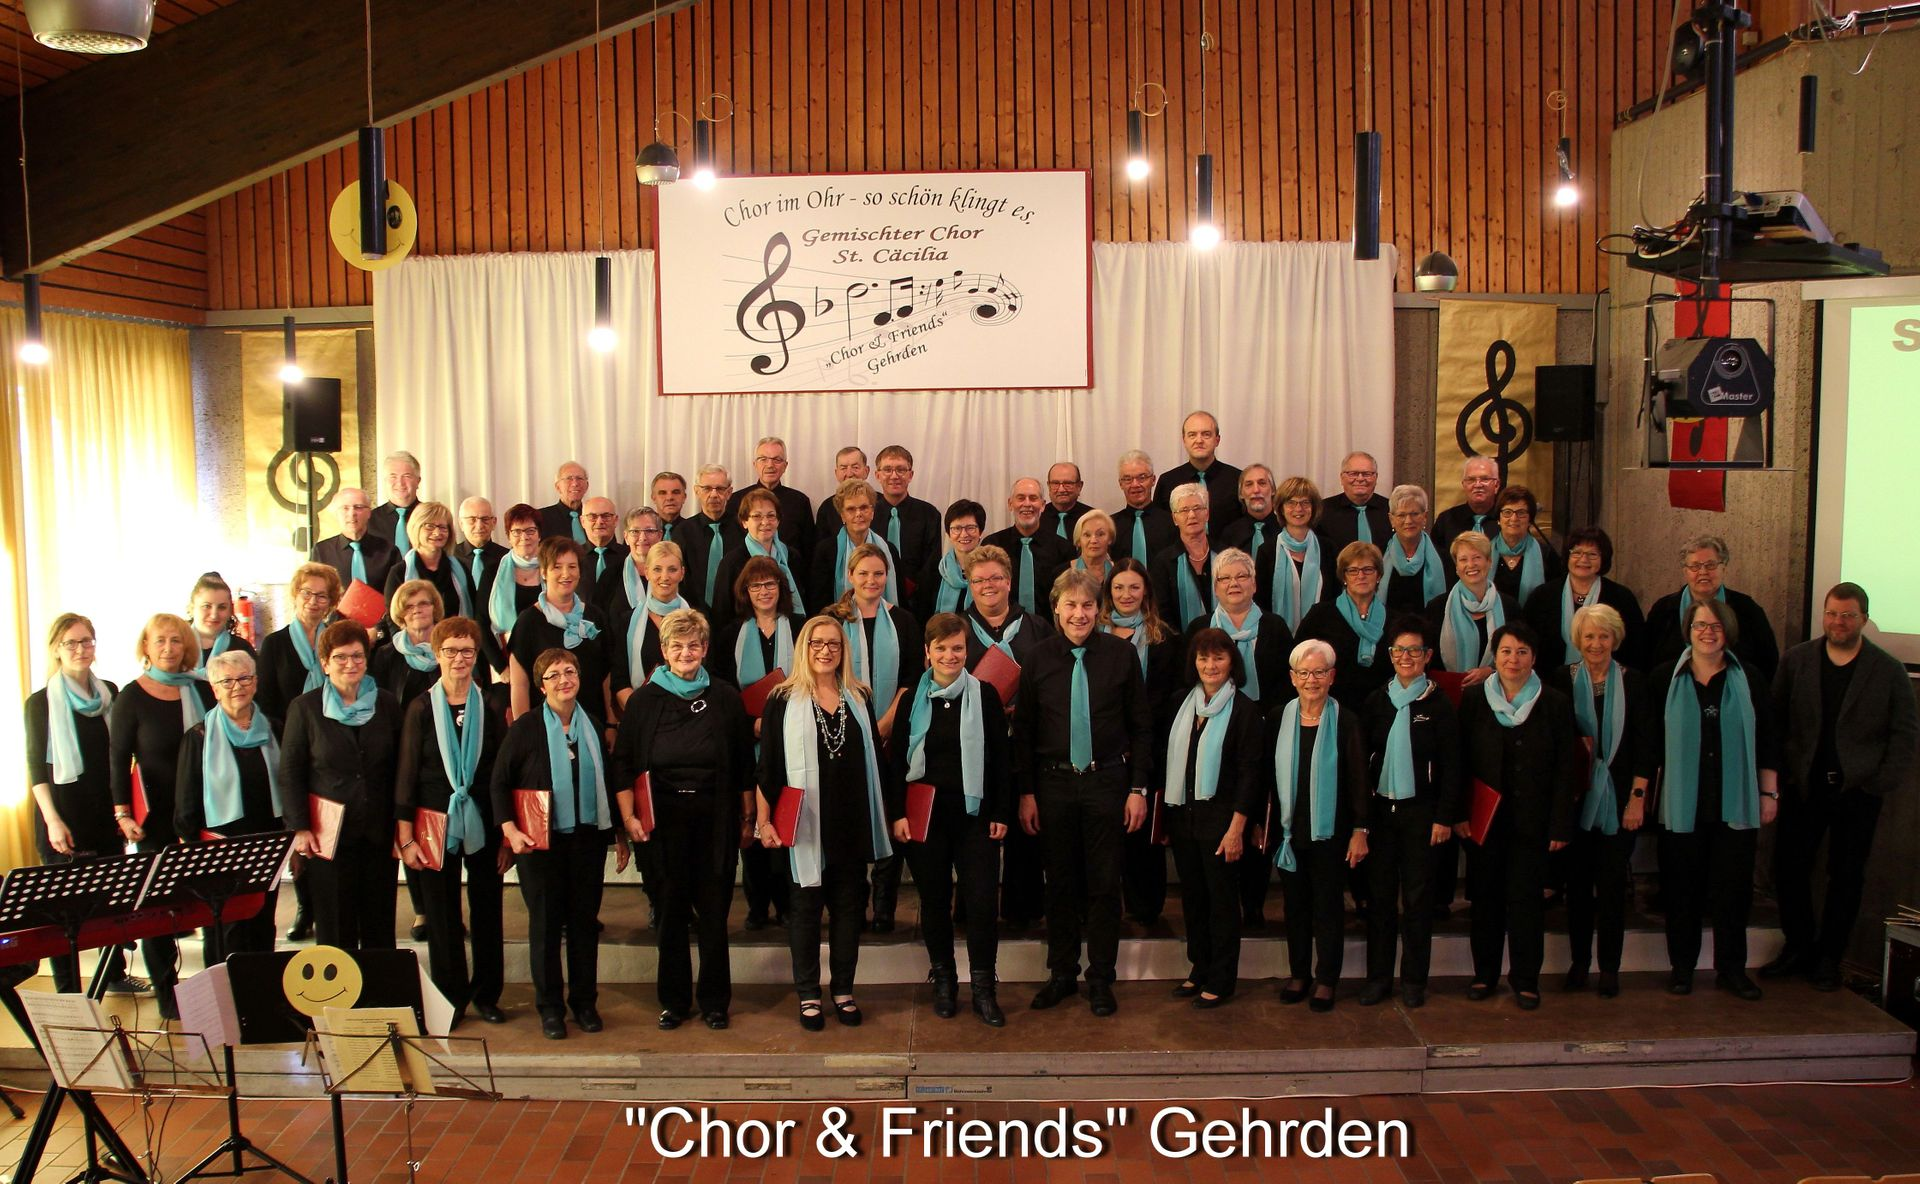 """Gem. Chor St. Cäcilia""""Chor & Friends"""" Gehrden"""